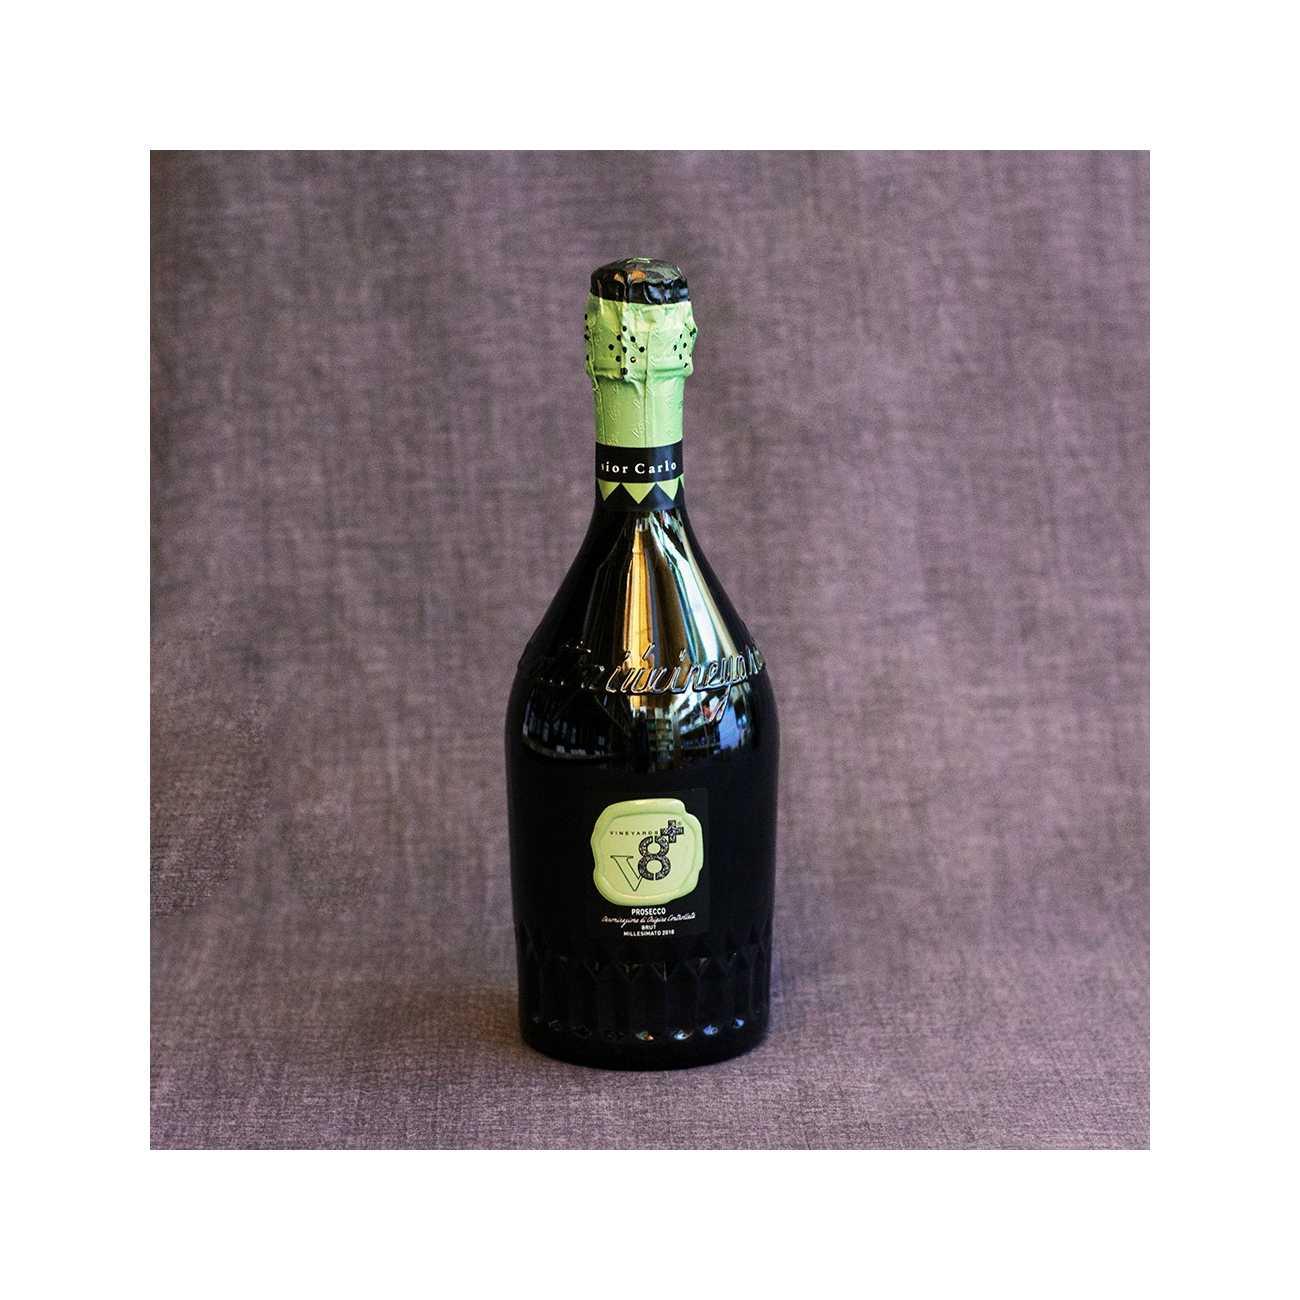 Prosecco millesimato Sior Carlo Brut V8 - Vini bianchi